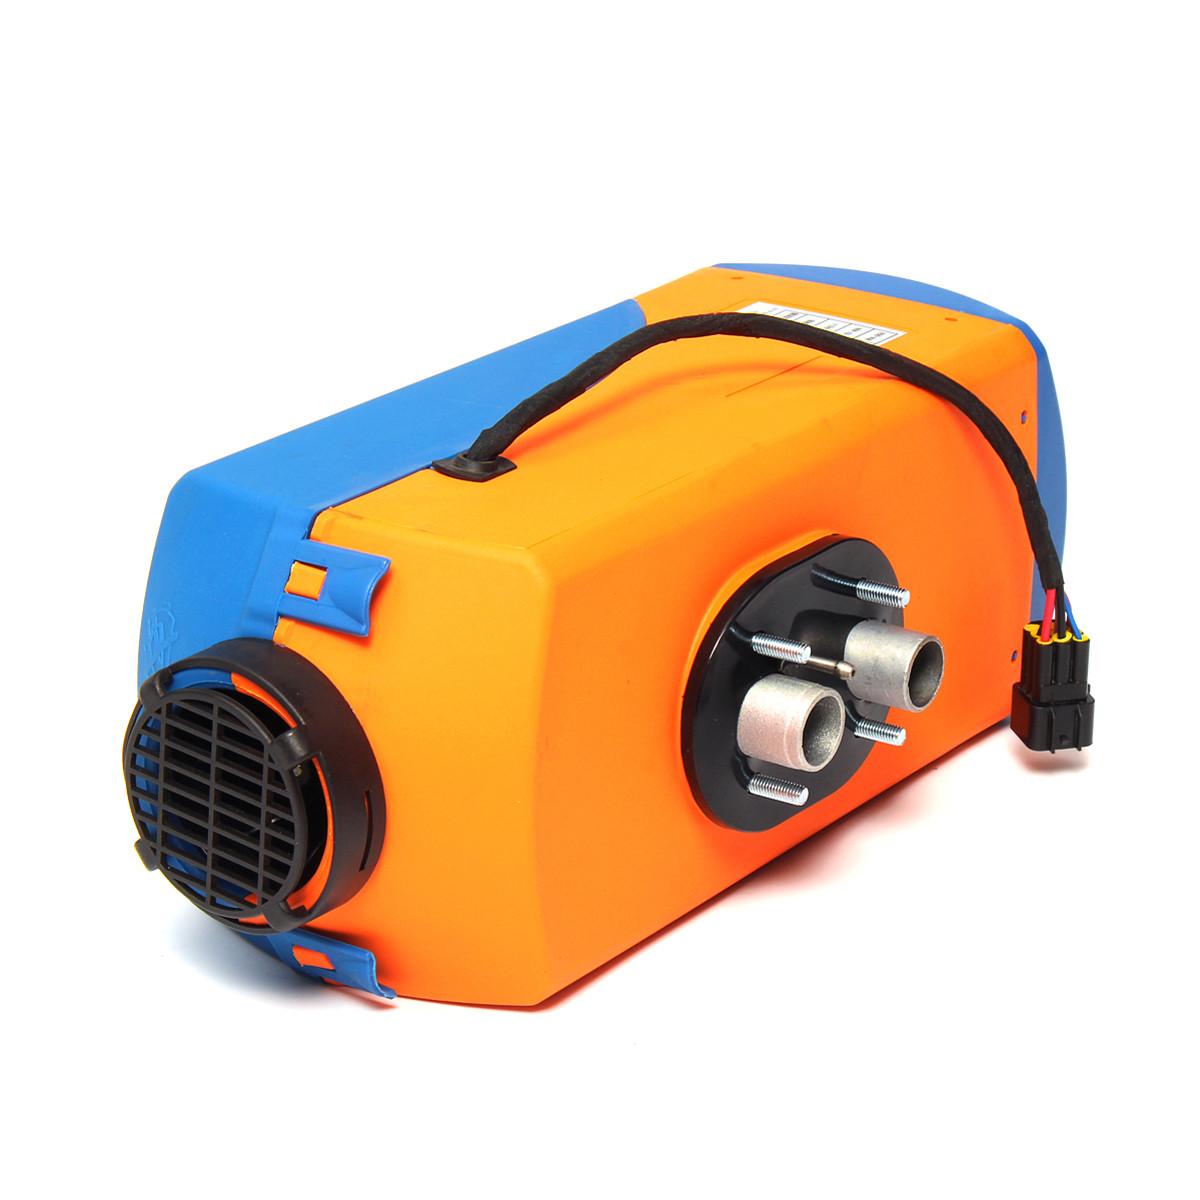 12V 24V 3KW Дизель Воздушная парковка Нагреватель Дизельное отопление Воздух  Нагреватель LCD Экран с глушителем 1TopShop 18b949d13d803